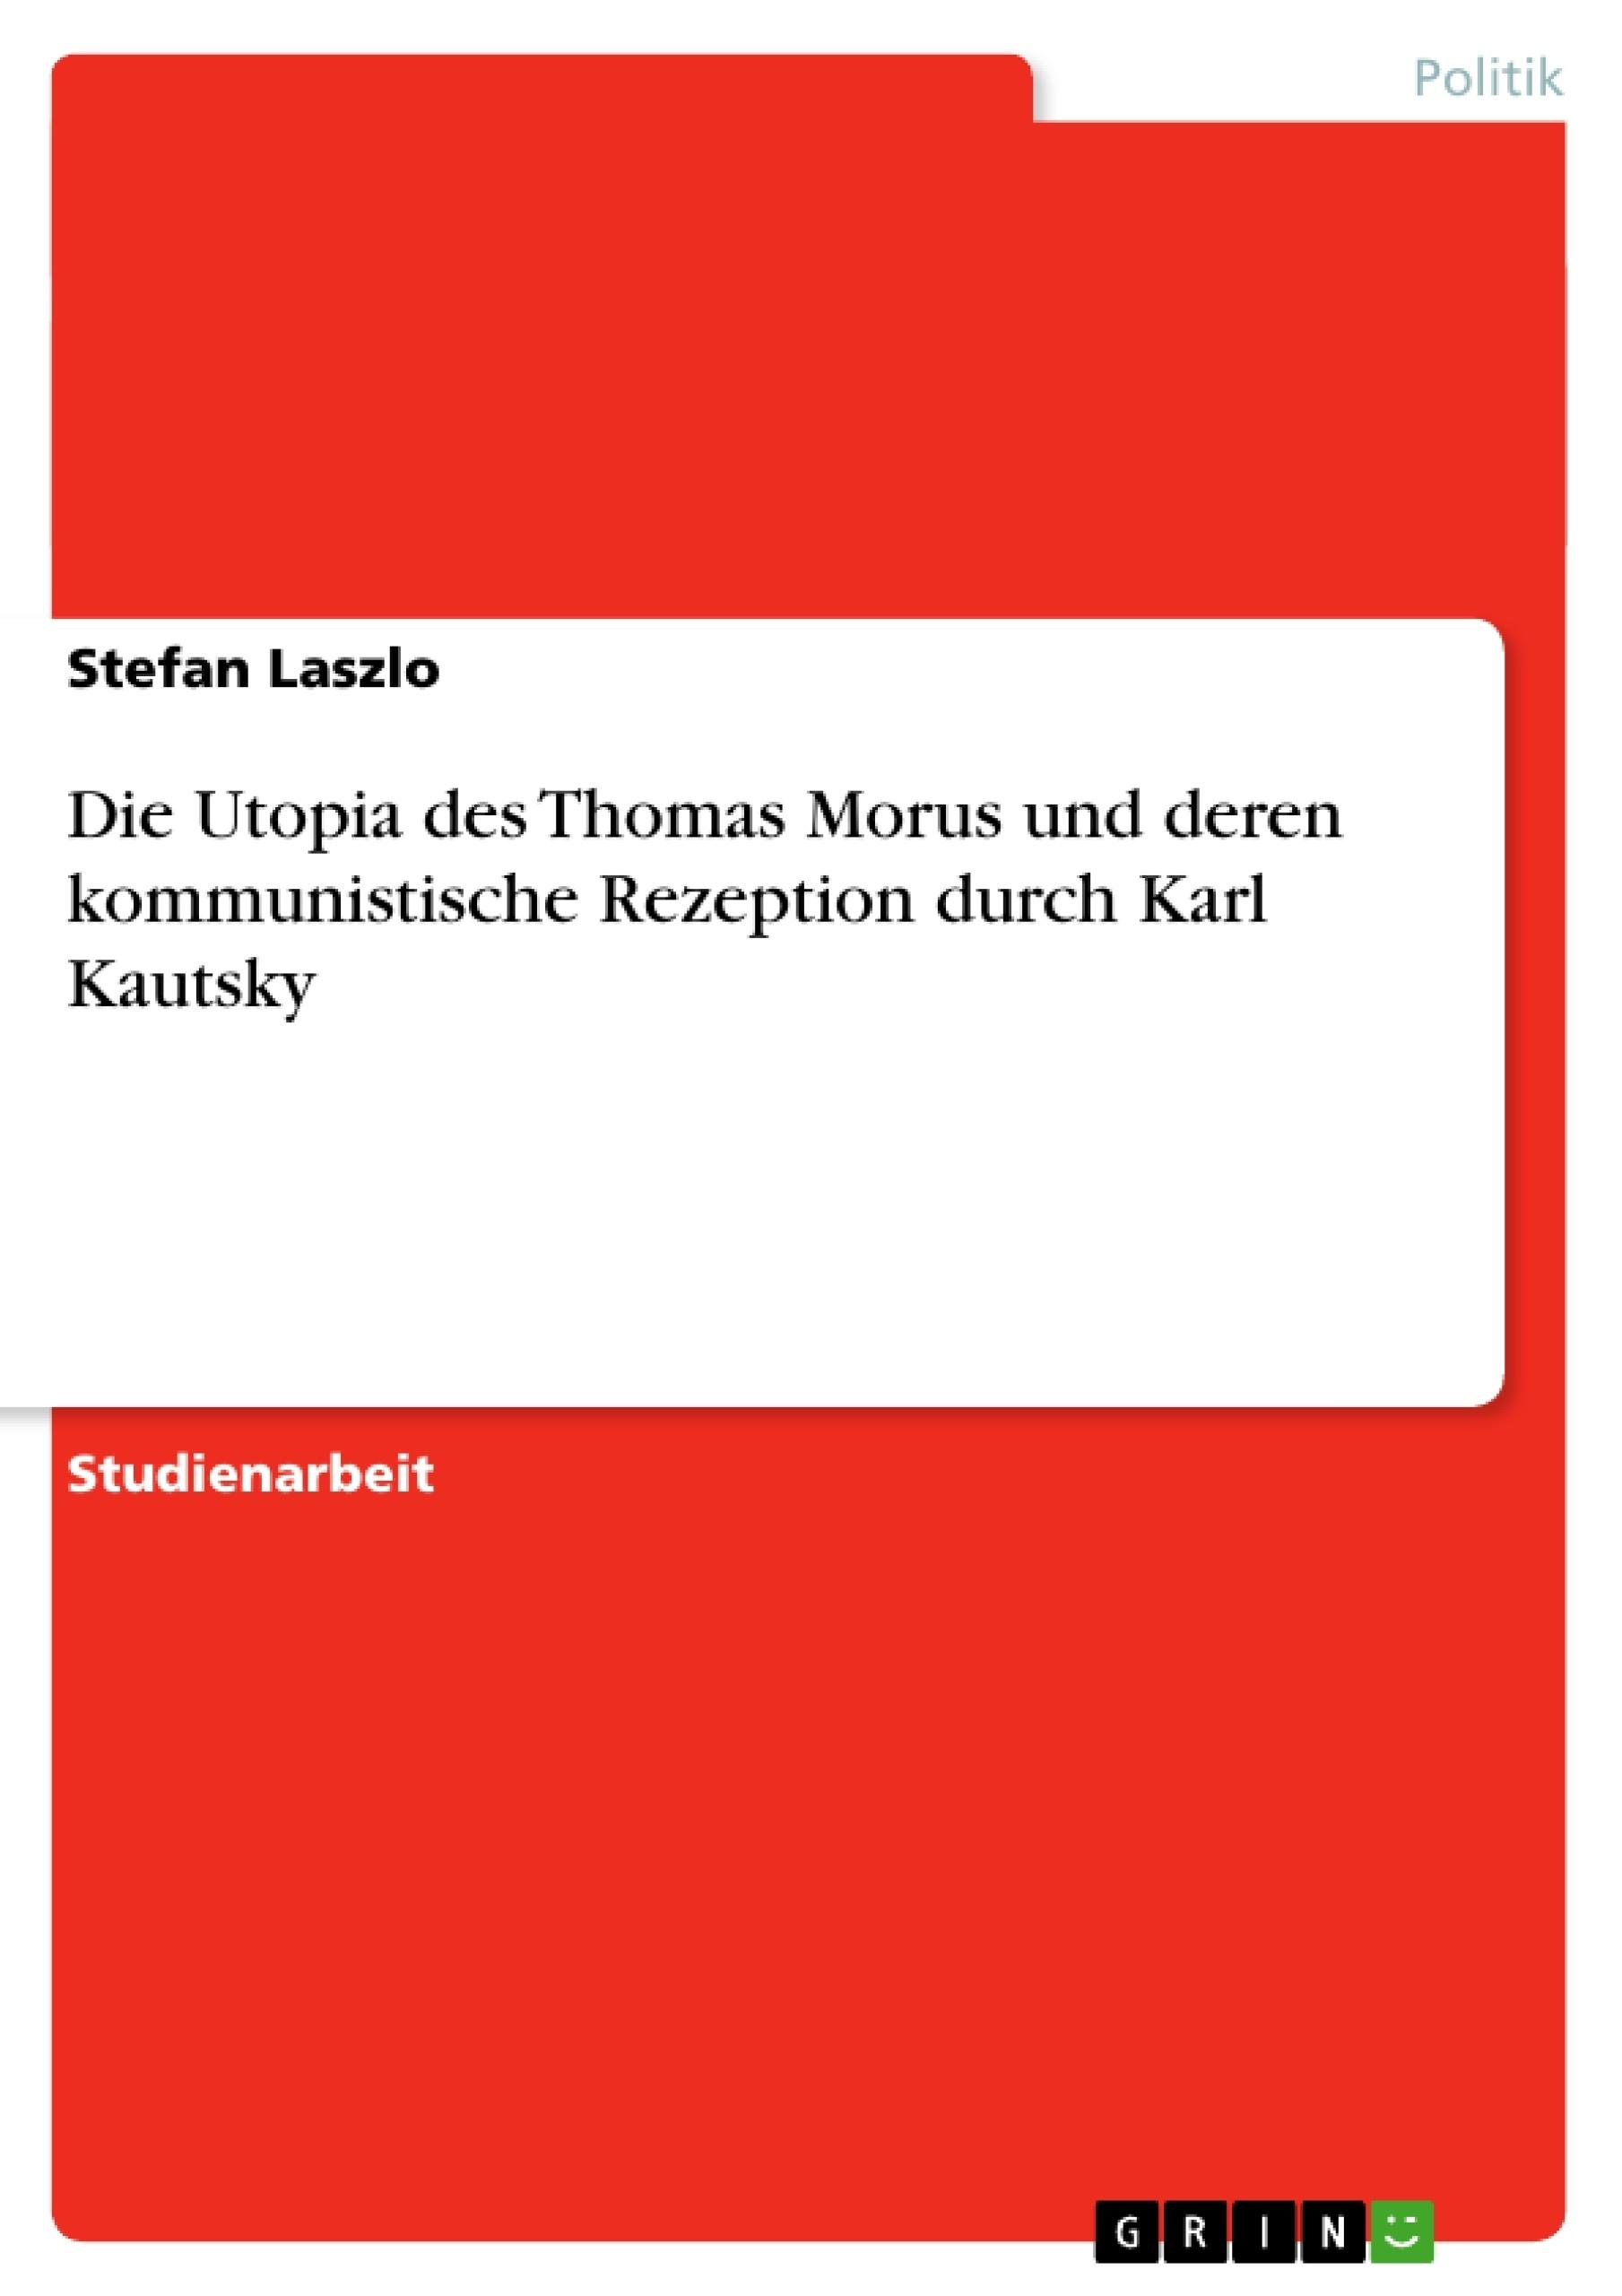 Titel: Die Utopia des Thomas Morus und deren kommunistische Rezeption durch Karl Kautsky